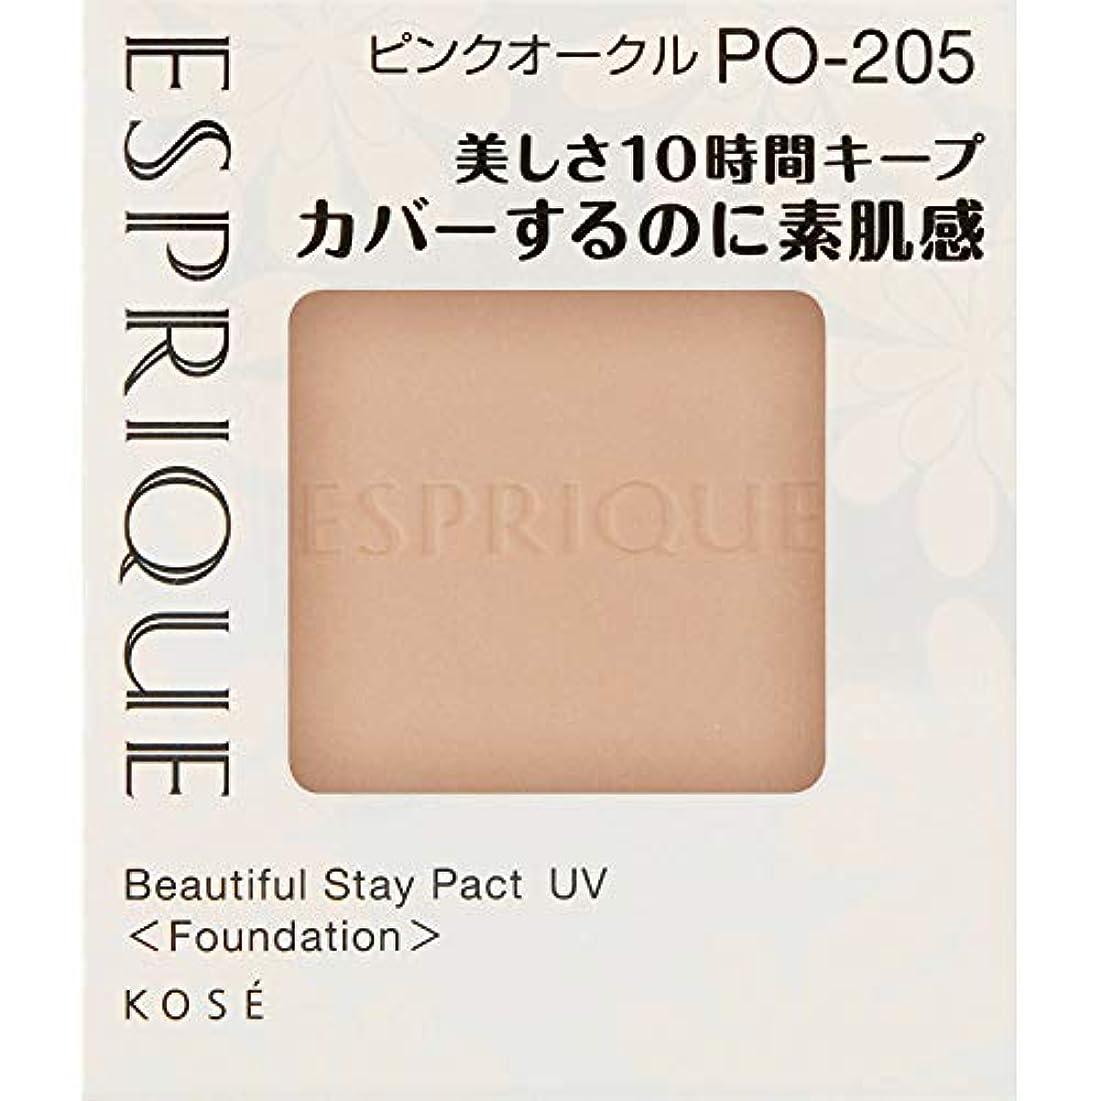 脅威グリットマーキーエスプリーク カバーするのに素肌感持続 パクト UV PO-205 ピンクオークル 9.3g